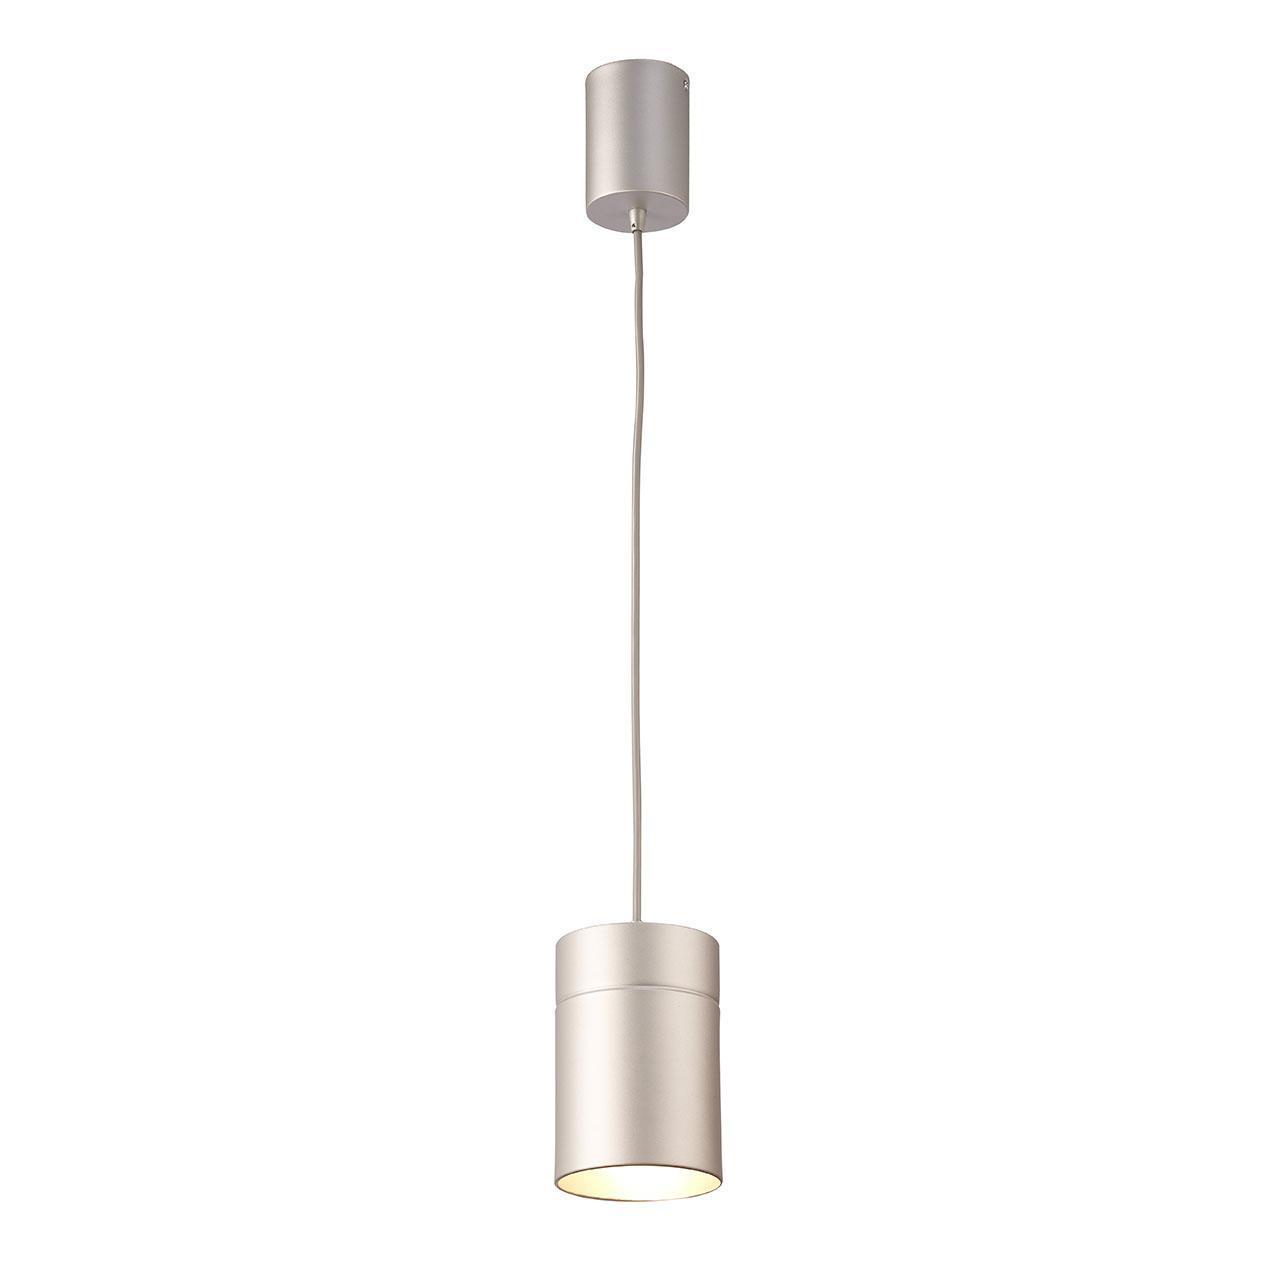 Подвесной светильник Mantra Aruba 5624 nowley 8 5624 0 1